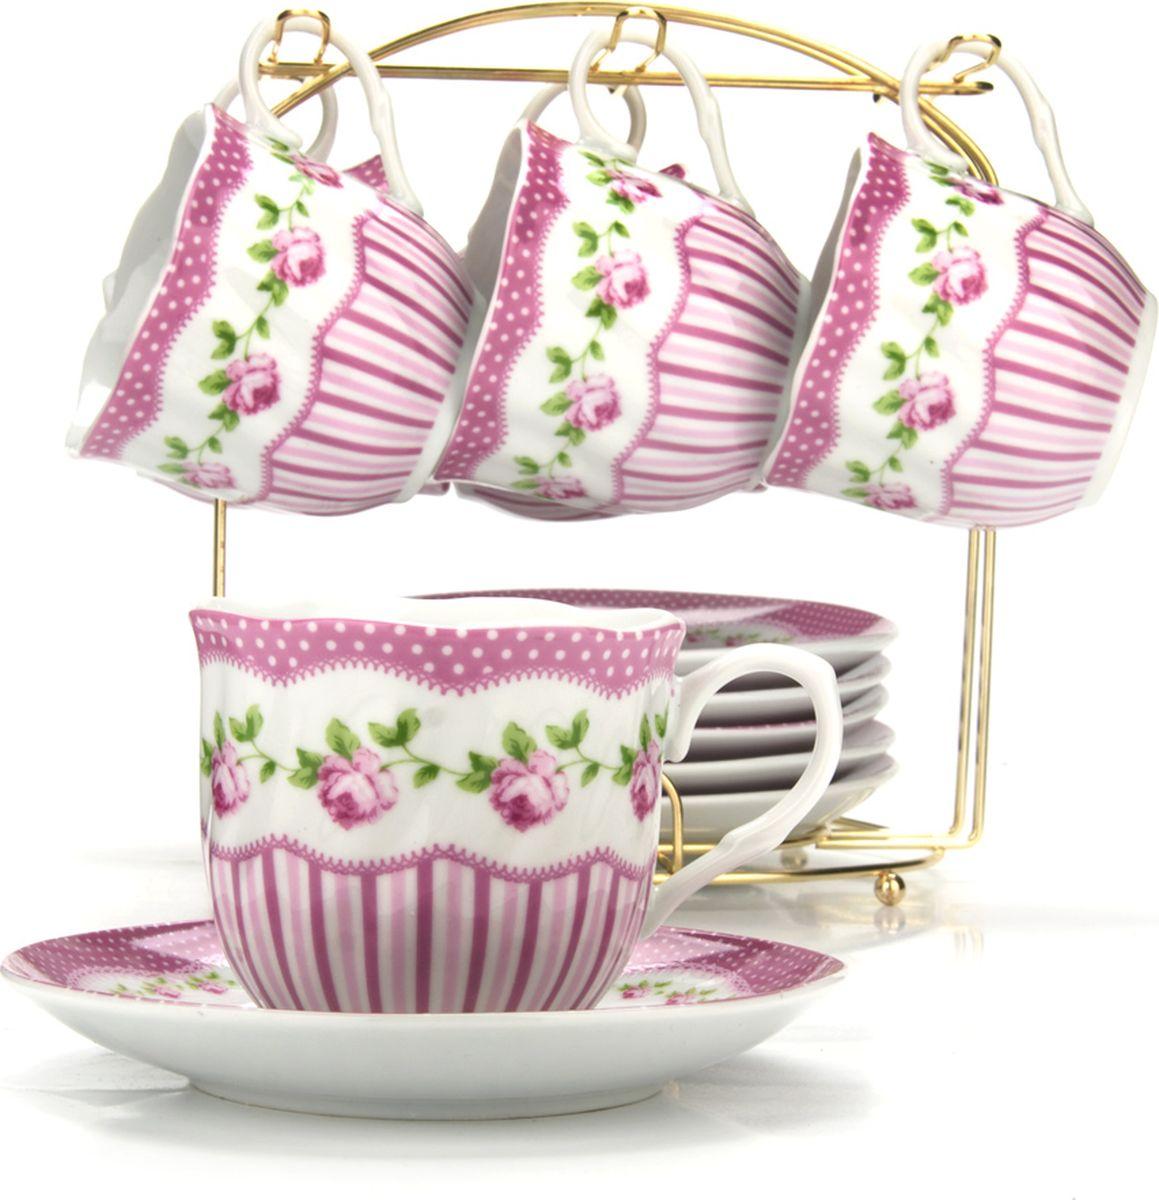 Сервиз чайный Loraine, на подставке, 13 предметов. 43286115510Чайный набор состоит из шести чашек, шести блюдец и металлической подставки золотого цвета. Предметы набора изготовлены из качественного фарфора и оформлены красочным цветным рисунком, стенки чашек имеют изящную волнистую поверхность. Чайный набор идеально подойдет для сервировки стола и станет отличным подарком к любому празднику. Все изделия можно компактно хранить на подставке, входящей в набор. Подходит для мытья в посудомоечной машине.Диаметр чашки: 8 см.Высота чашки: 7 см.Объем чашки: 200 мл.Диаметр блюдца: 13,5 см.